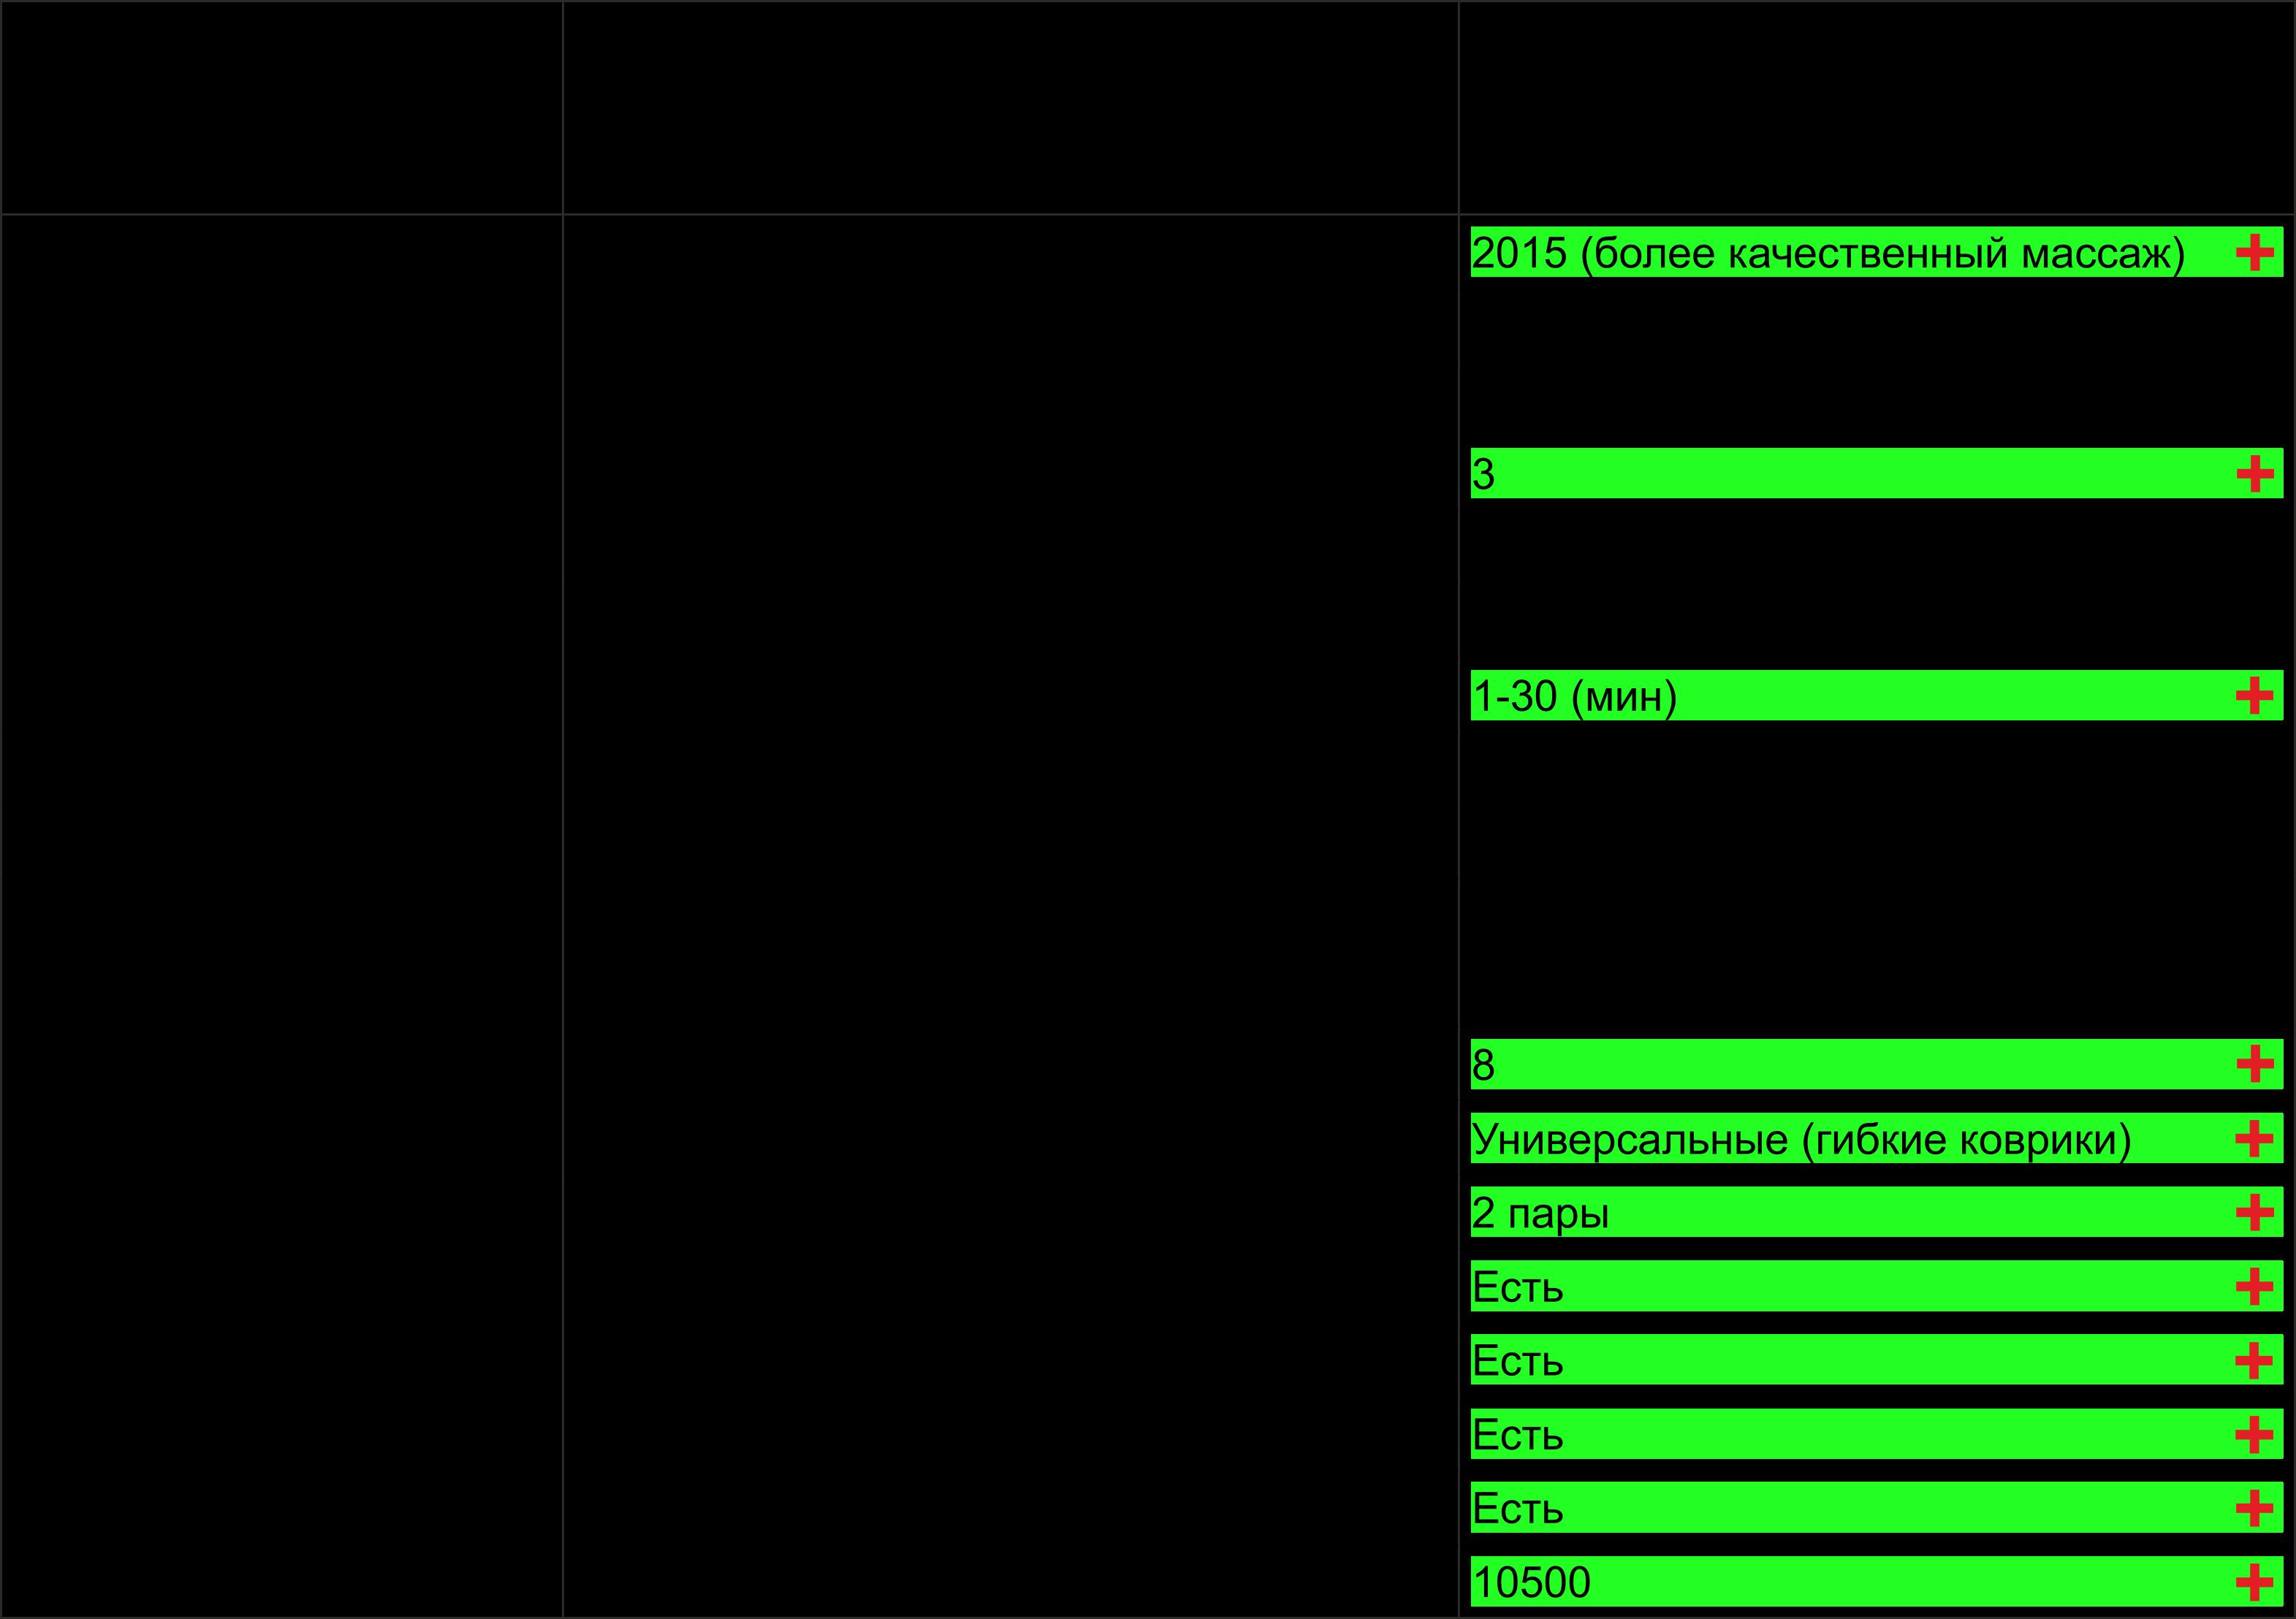 сравнение миостимуляторов